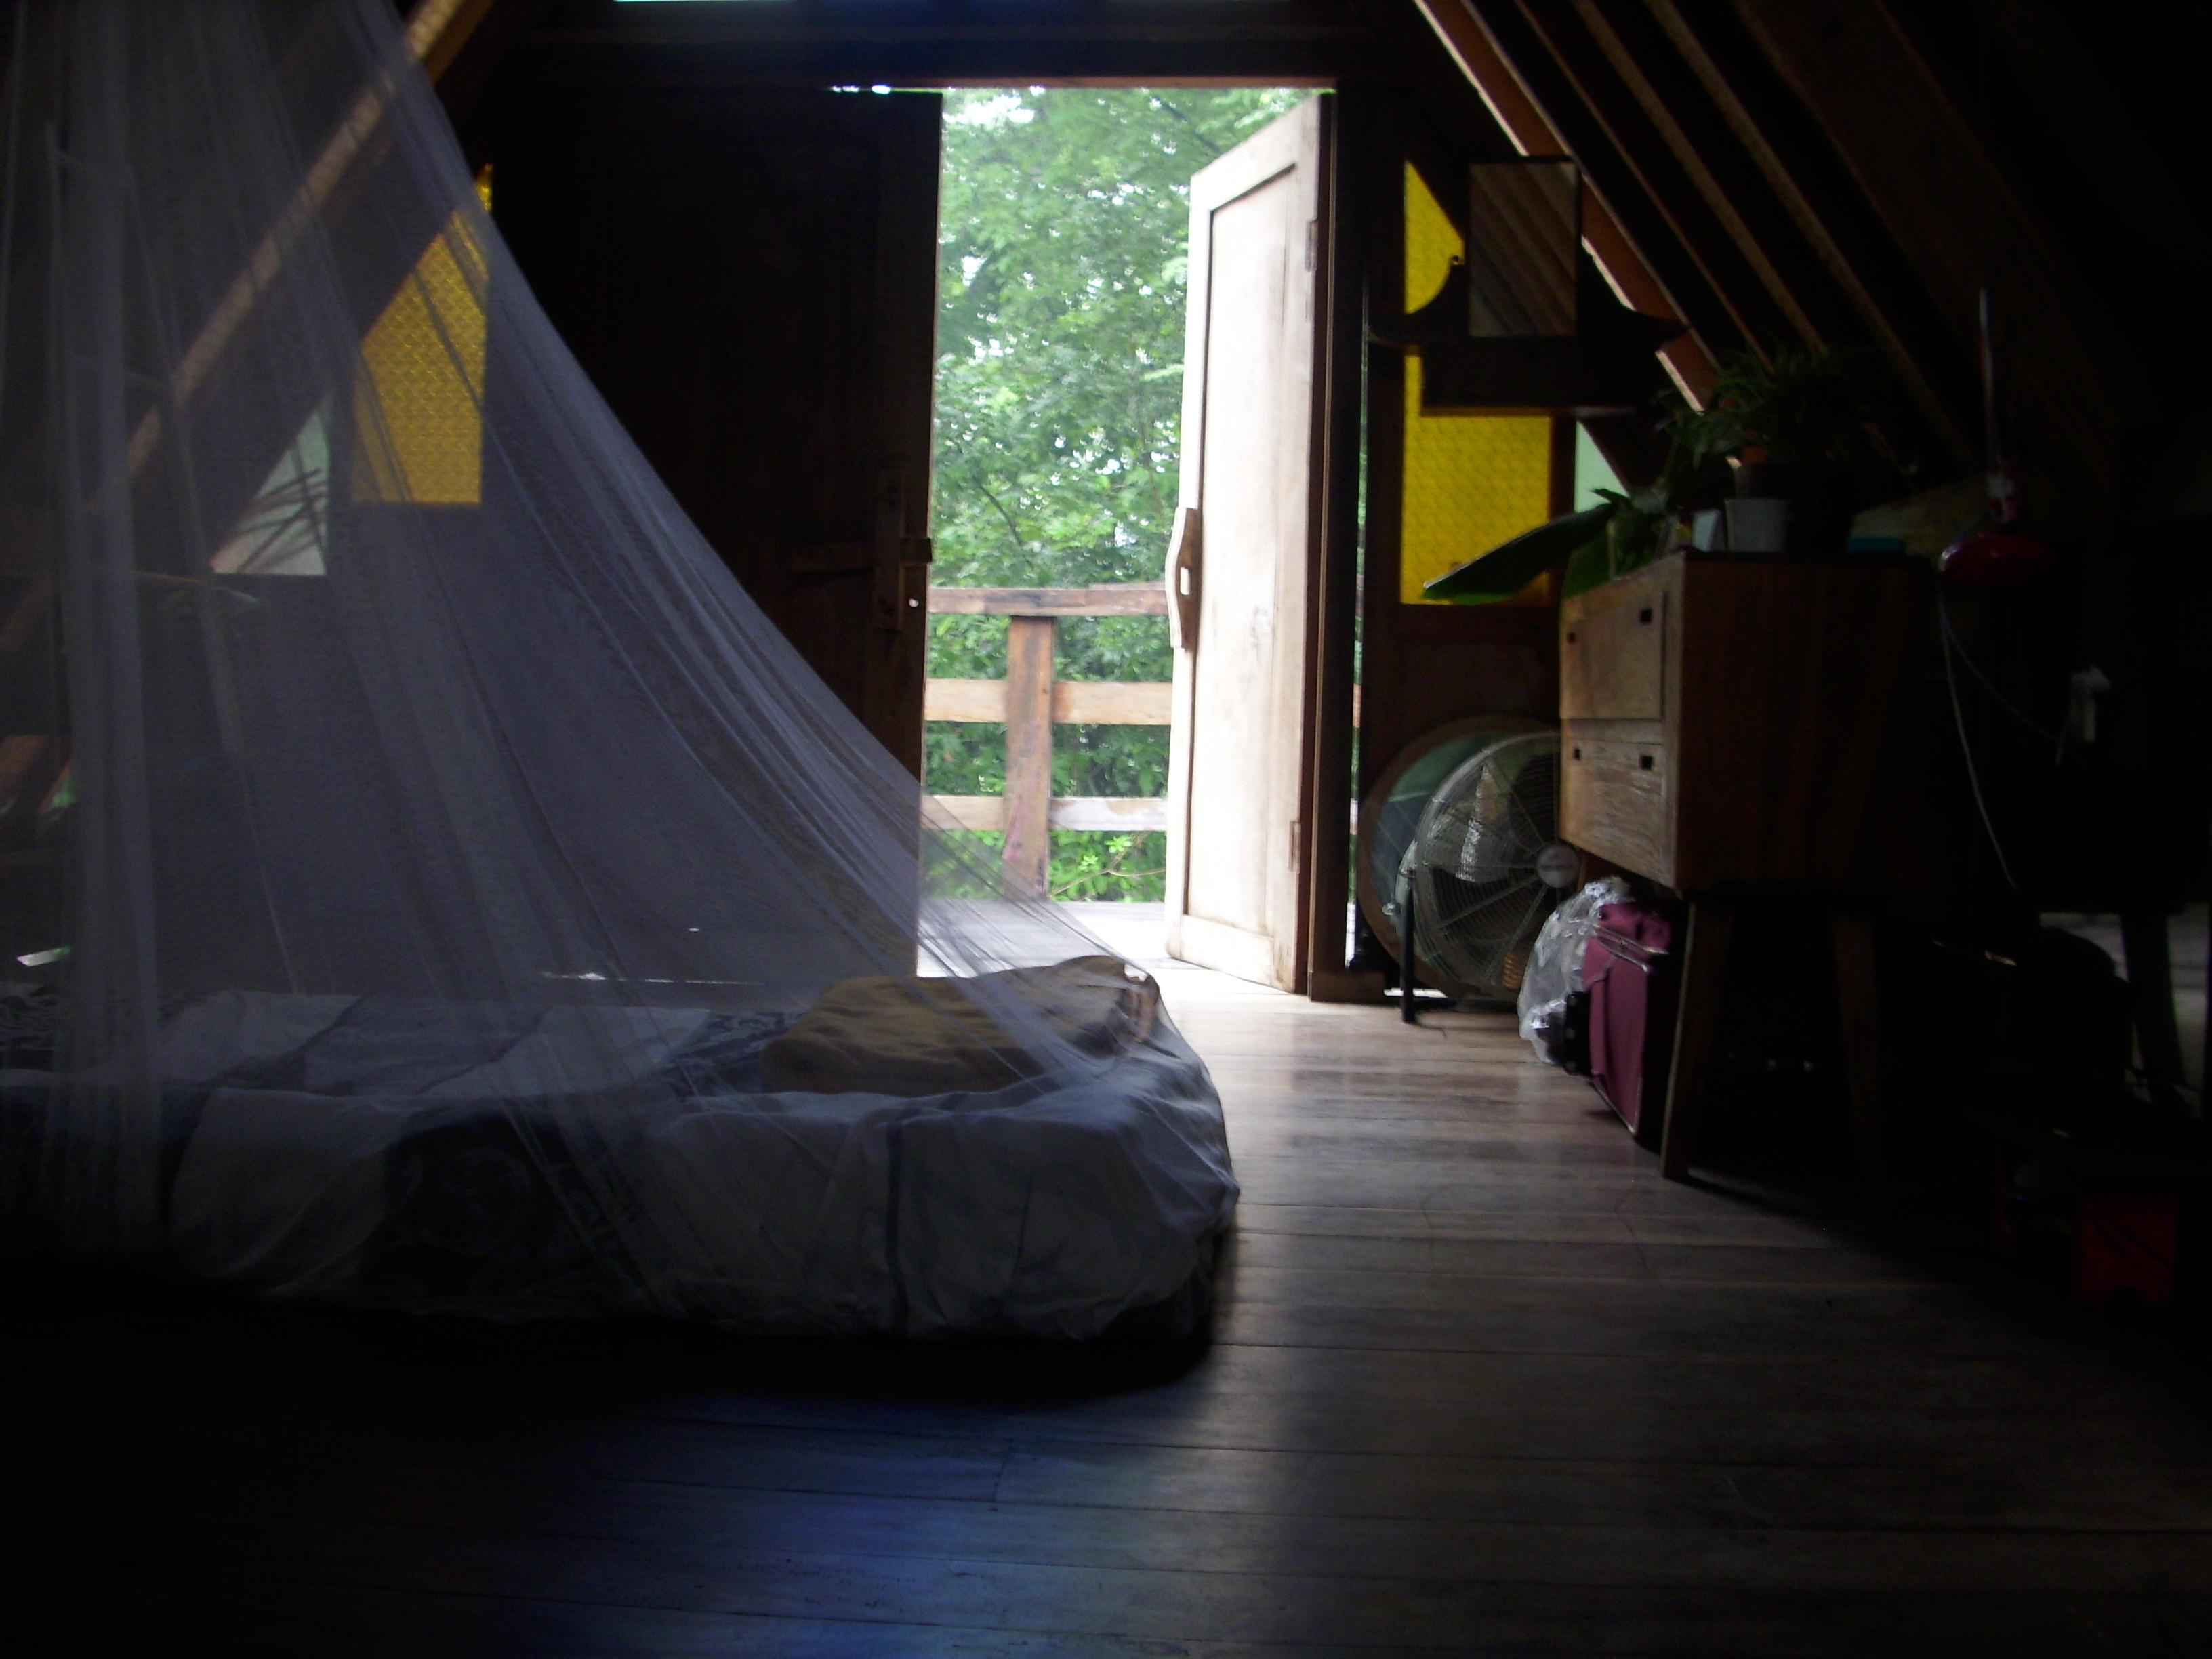 Mücken Im Zimmer Loswerden